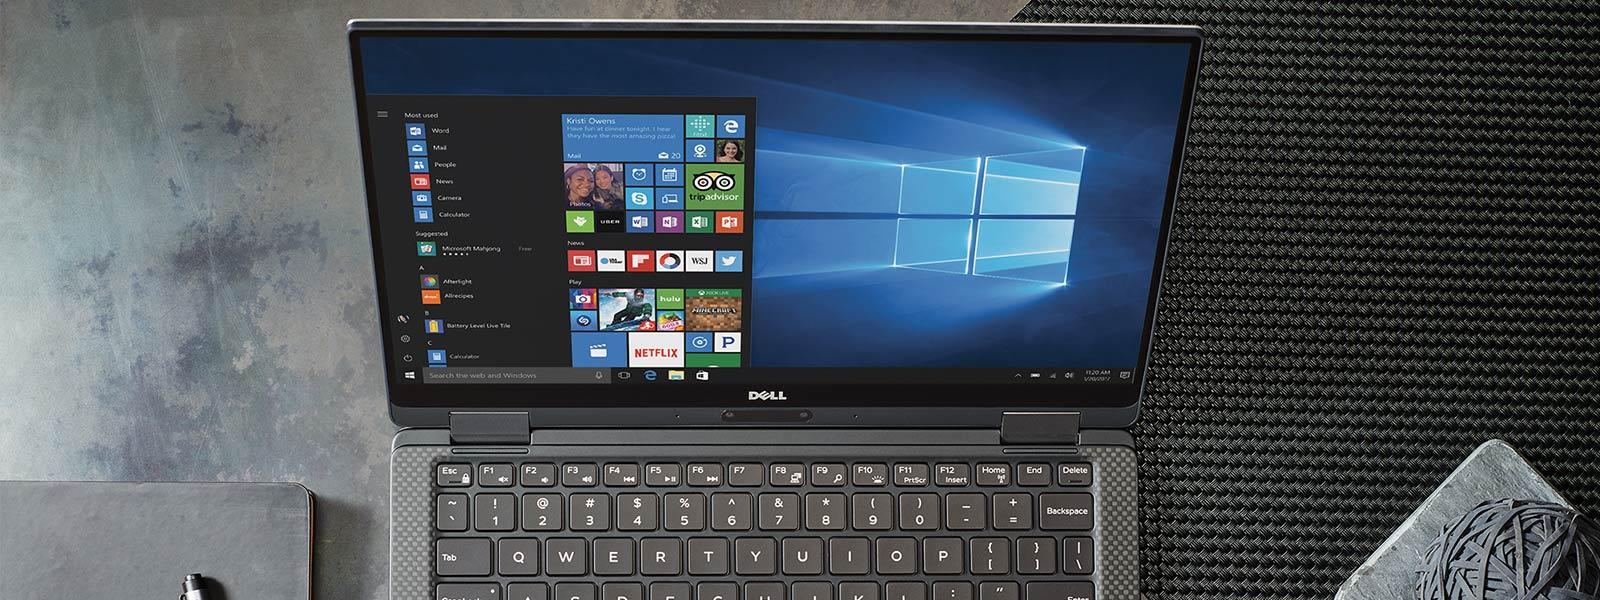 裝置顯示 Windows 10 開始畫面